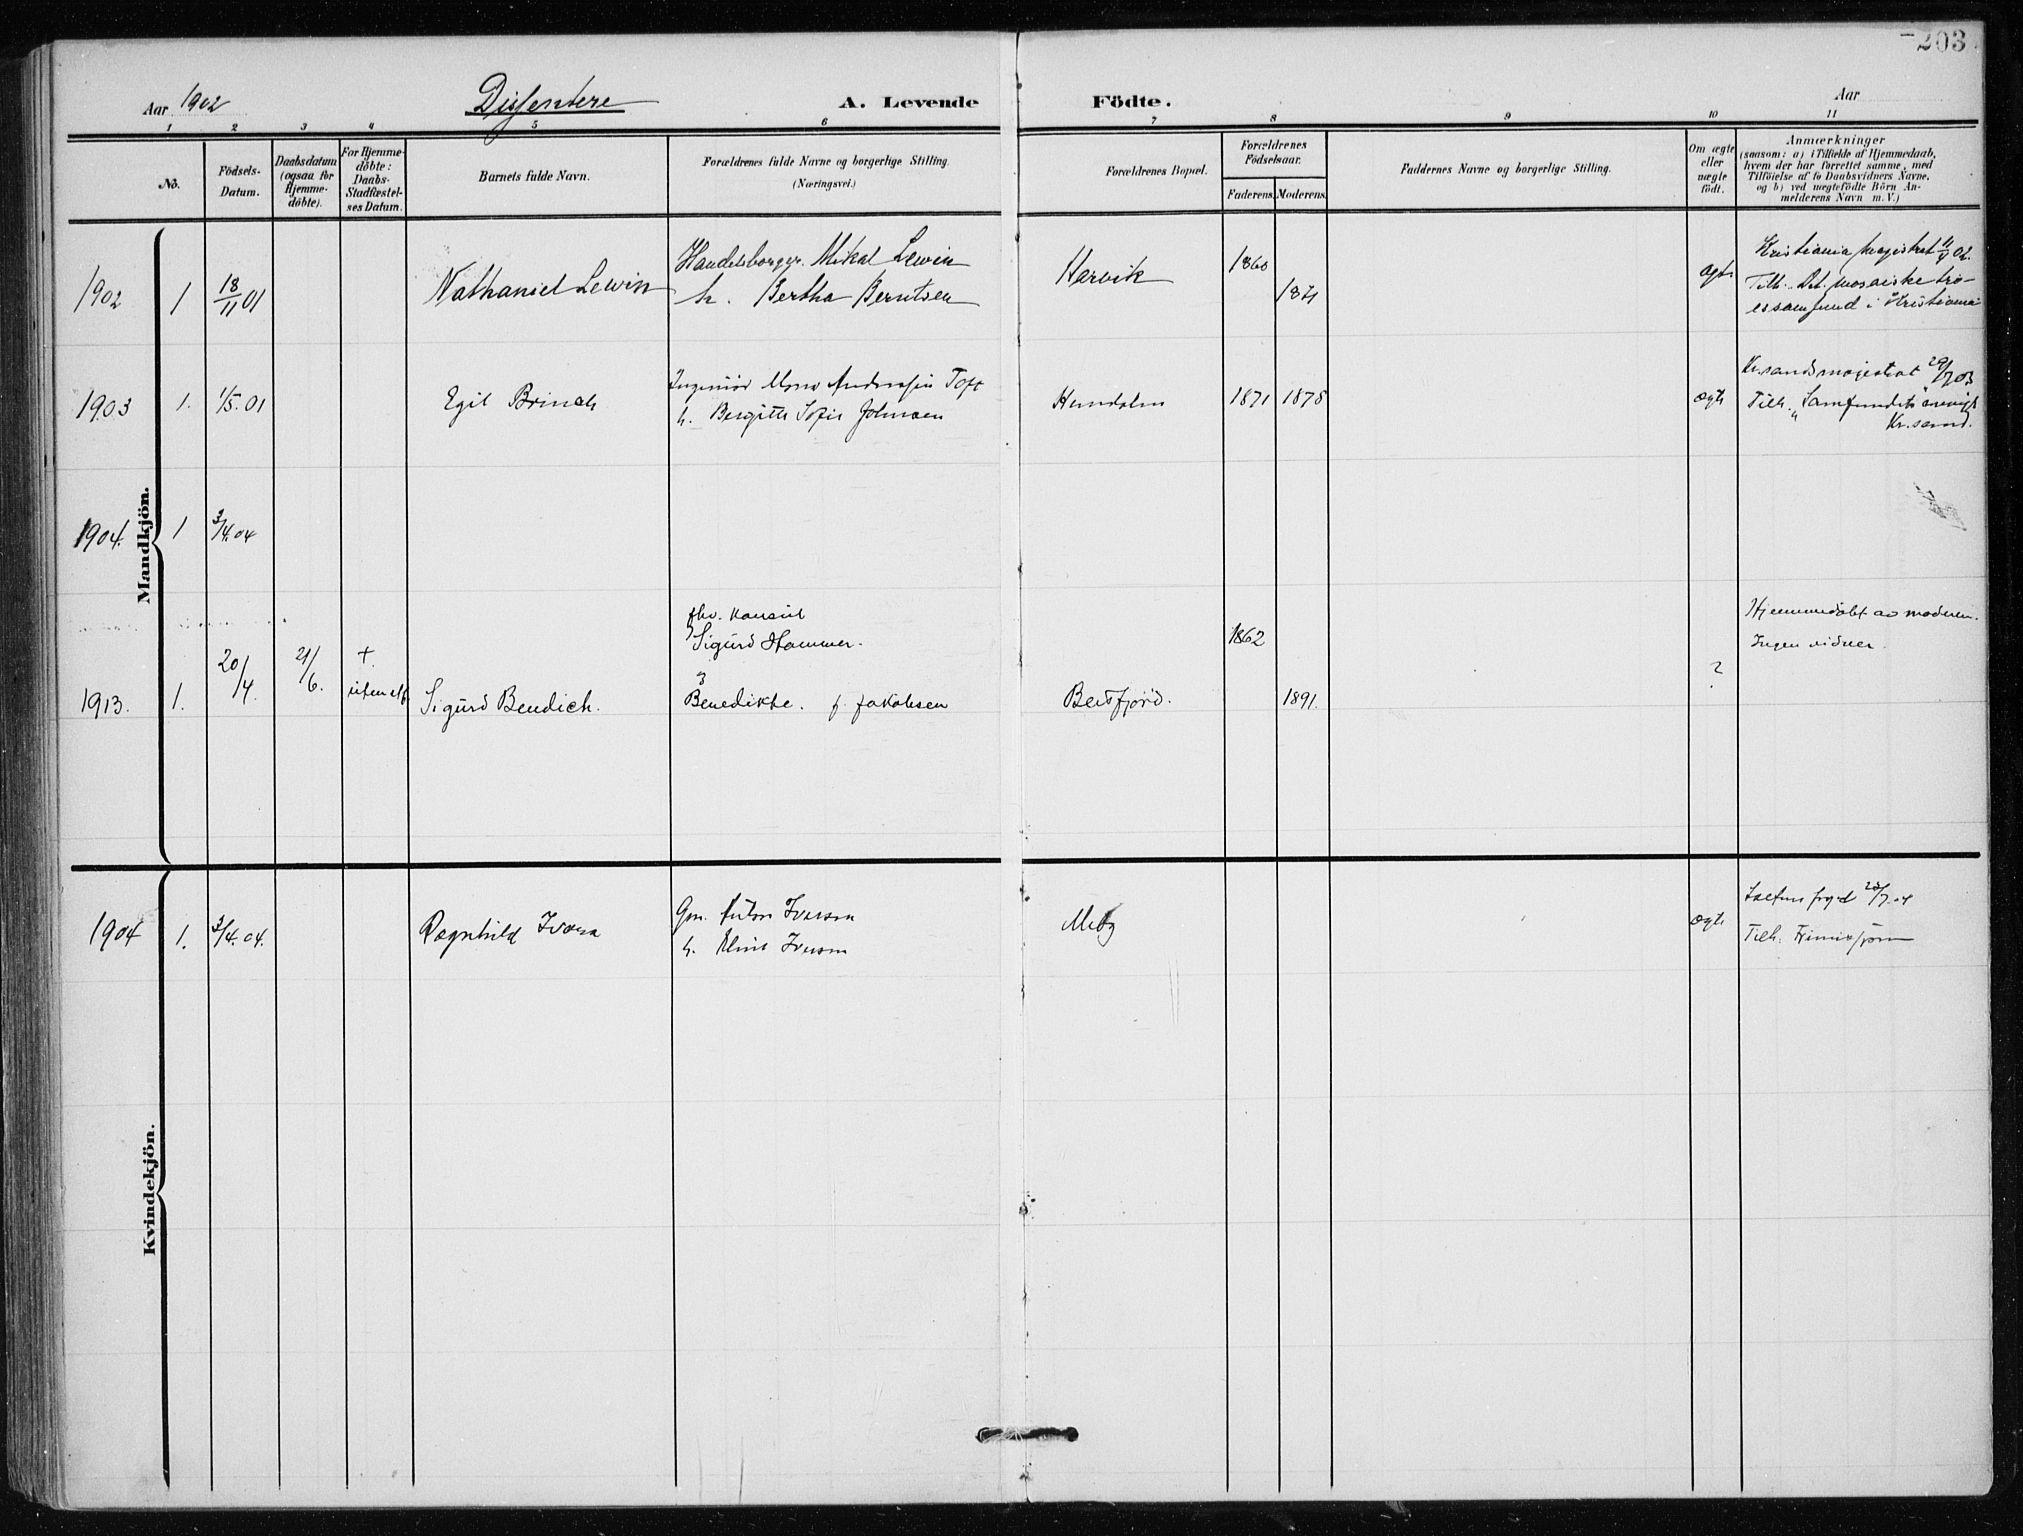 SAT, Ministerialprotokoller, klokkerbøker og fødselsregistre - Nordland, 866/L0941: Parish register (official) no. 866A04, 1901-1917, p. 203